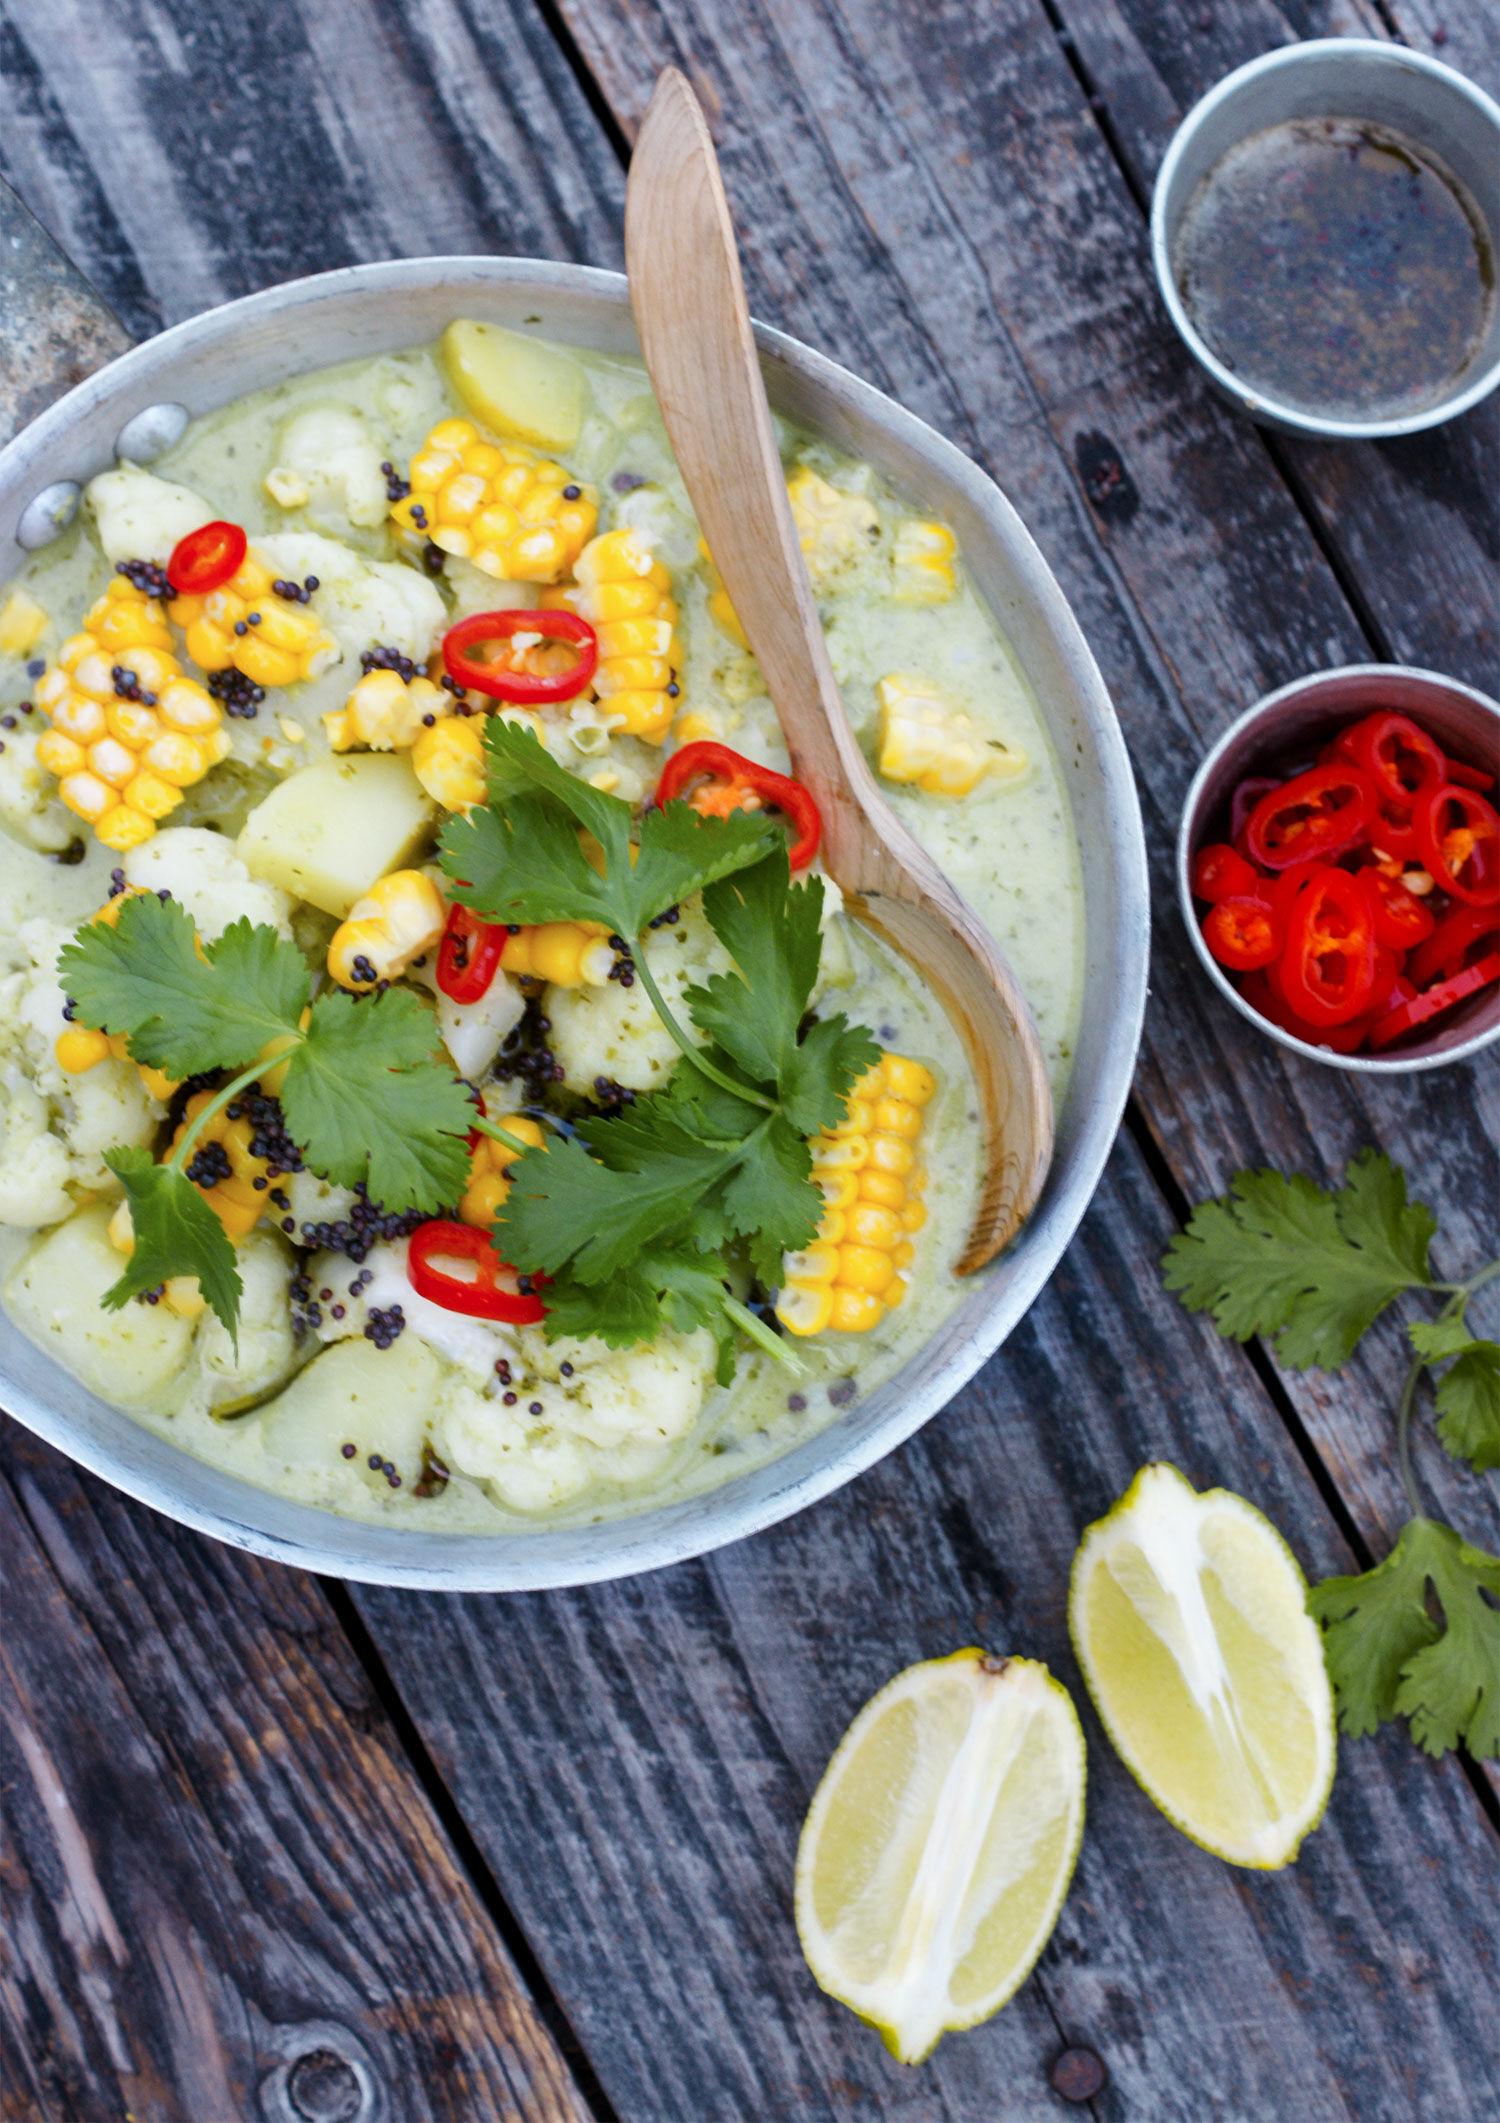 Enkel vegetarisk gryta med recept på indisk gryta med potatis, blomkål, kokos, senapsfrön och picklad chili